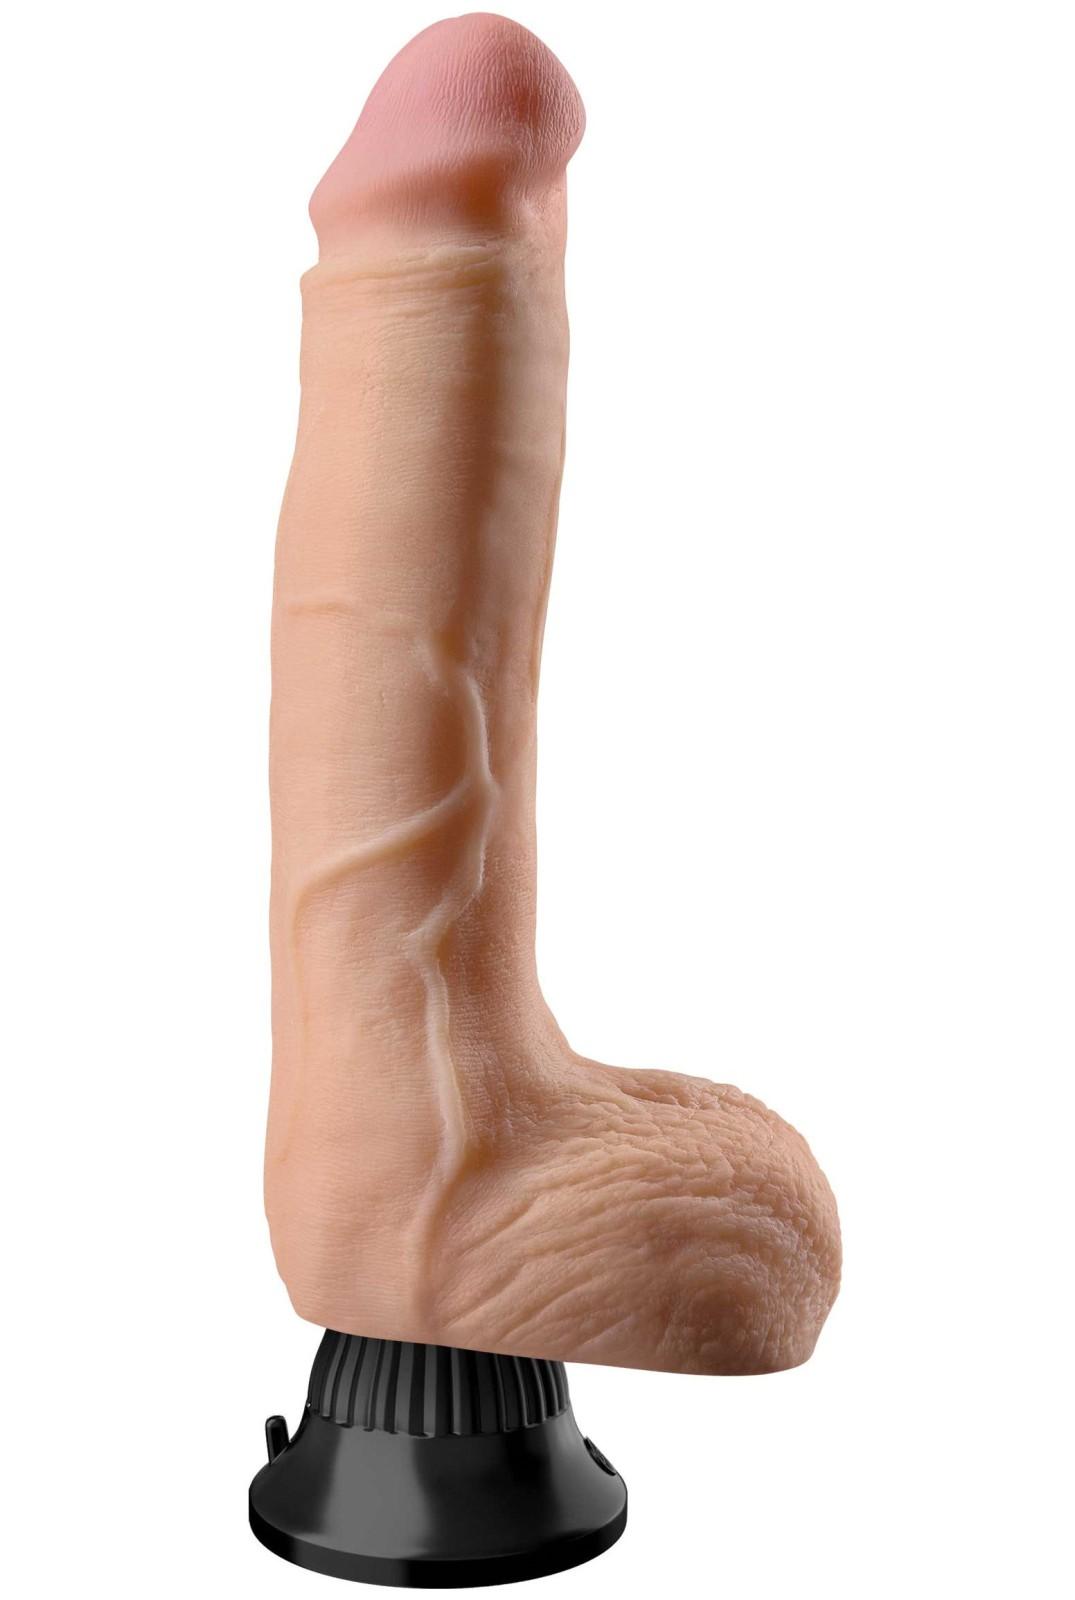 Vibrátor Deluxe No. 7 - realistický, 28 cm